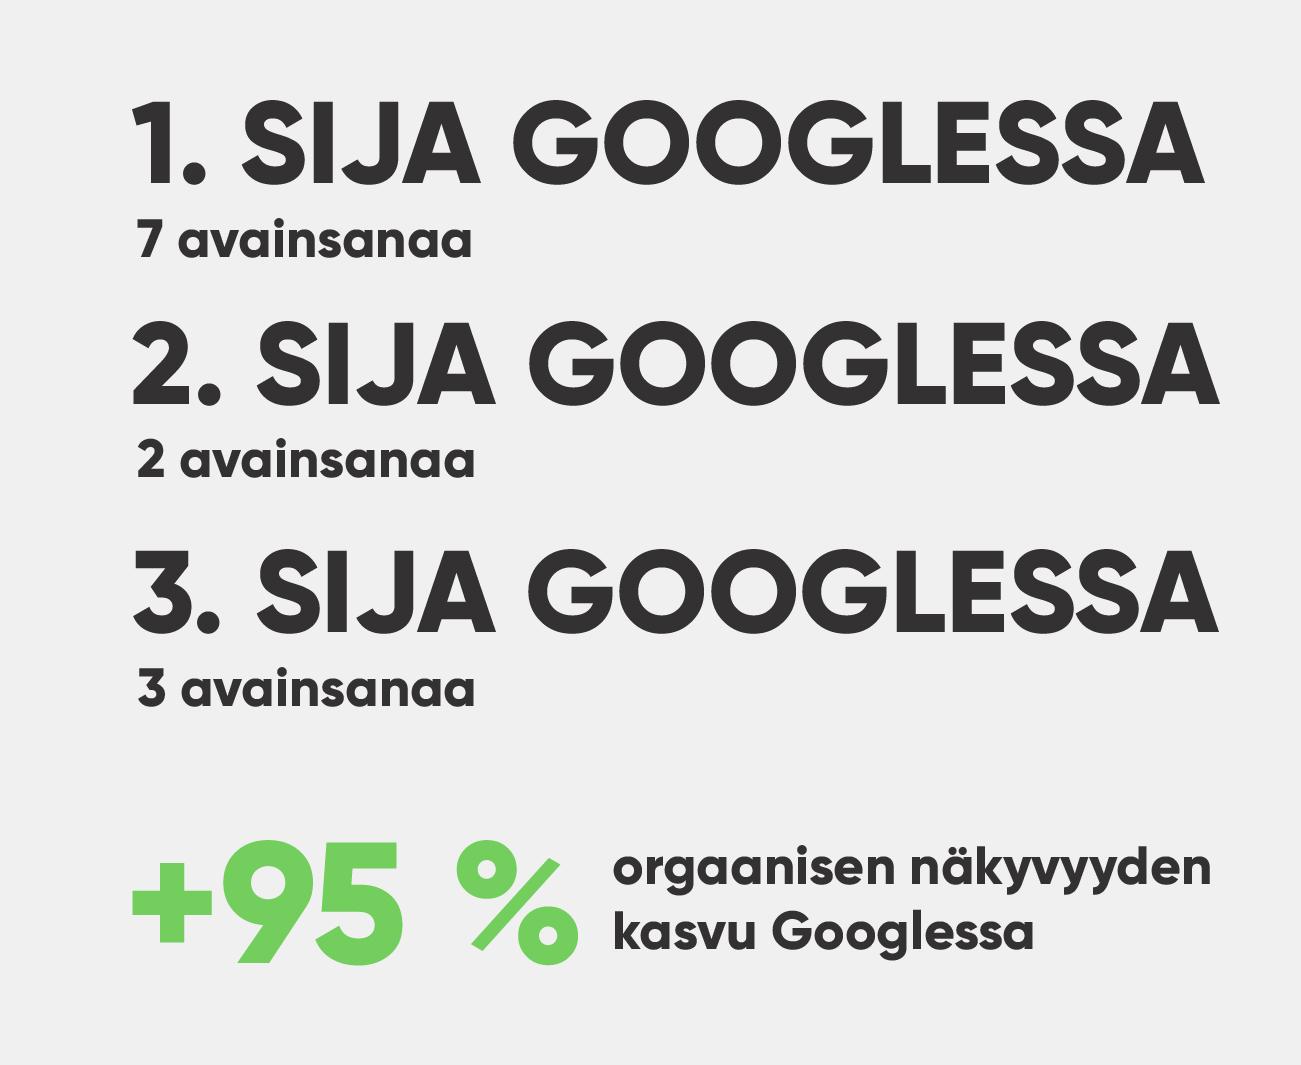 Hatstore.fi – Verkkokaupan hakukoneoptimointi ja blogiyhteistyö 6